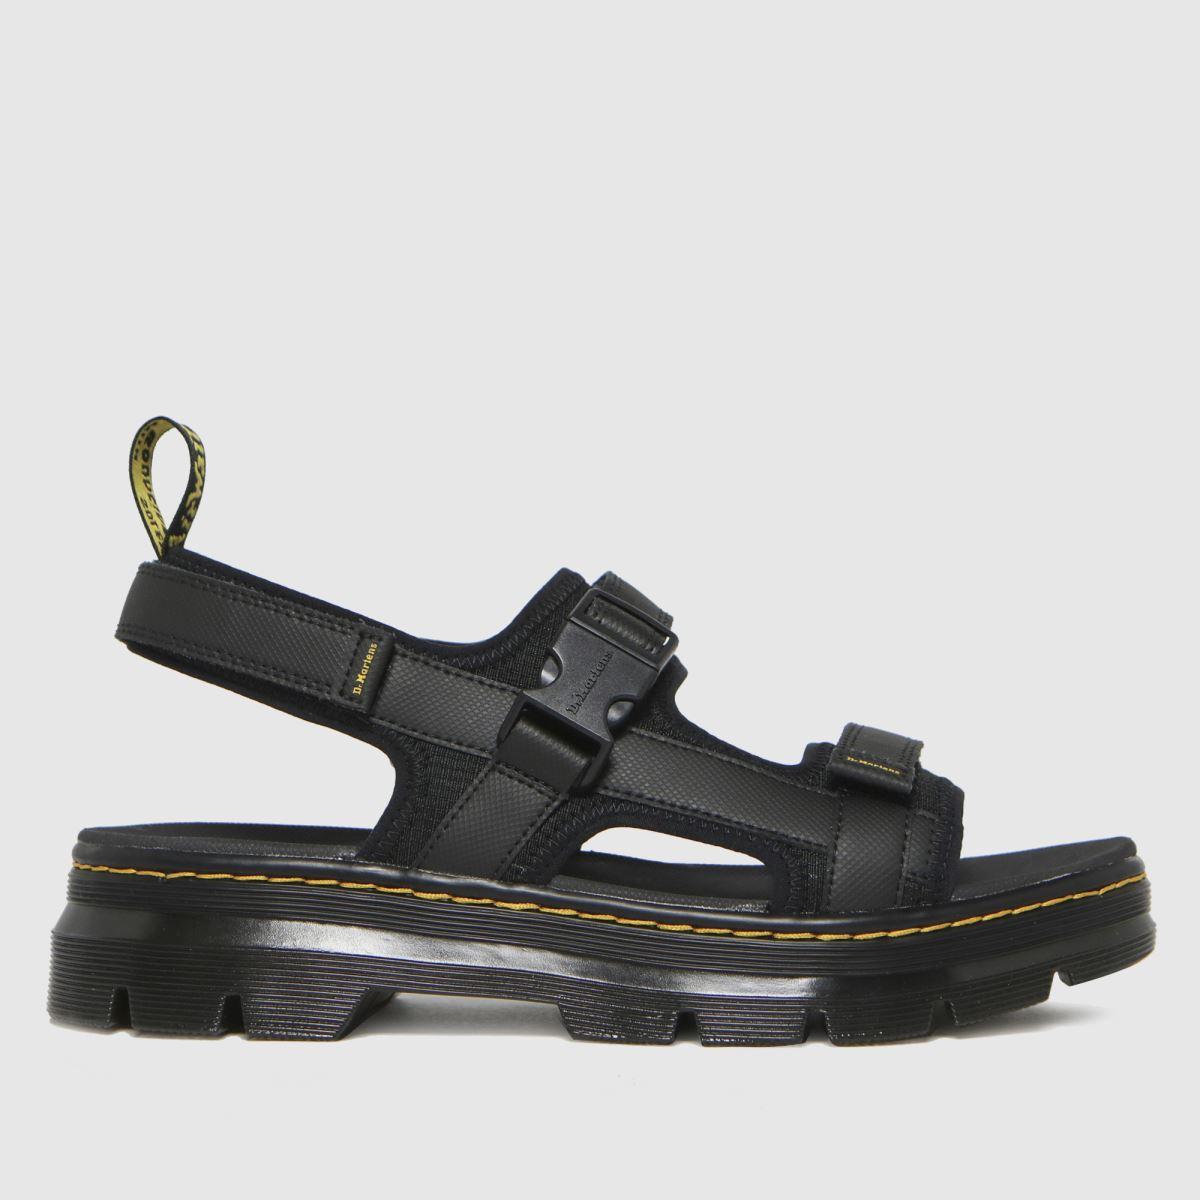 Dr Martens Black Forster Sandals